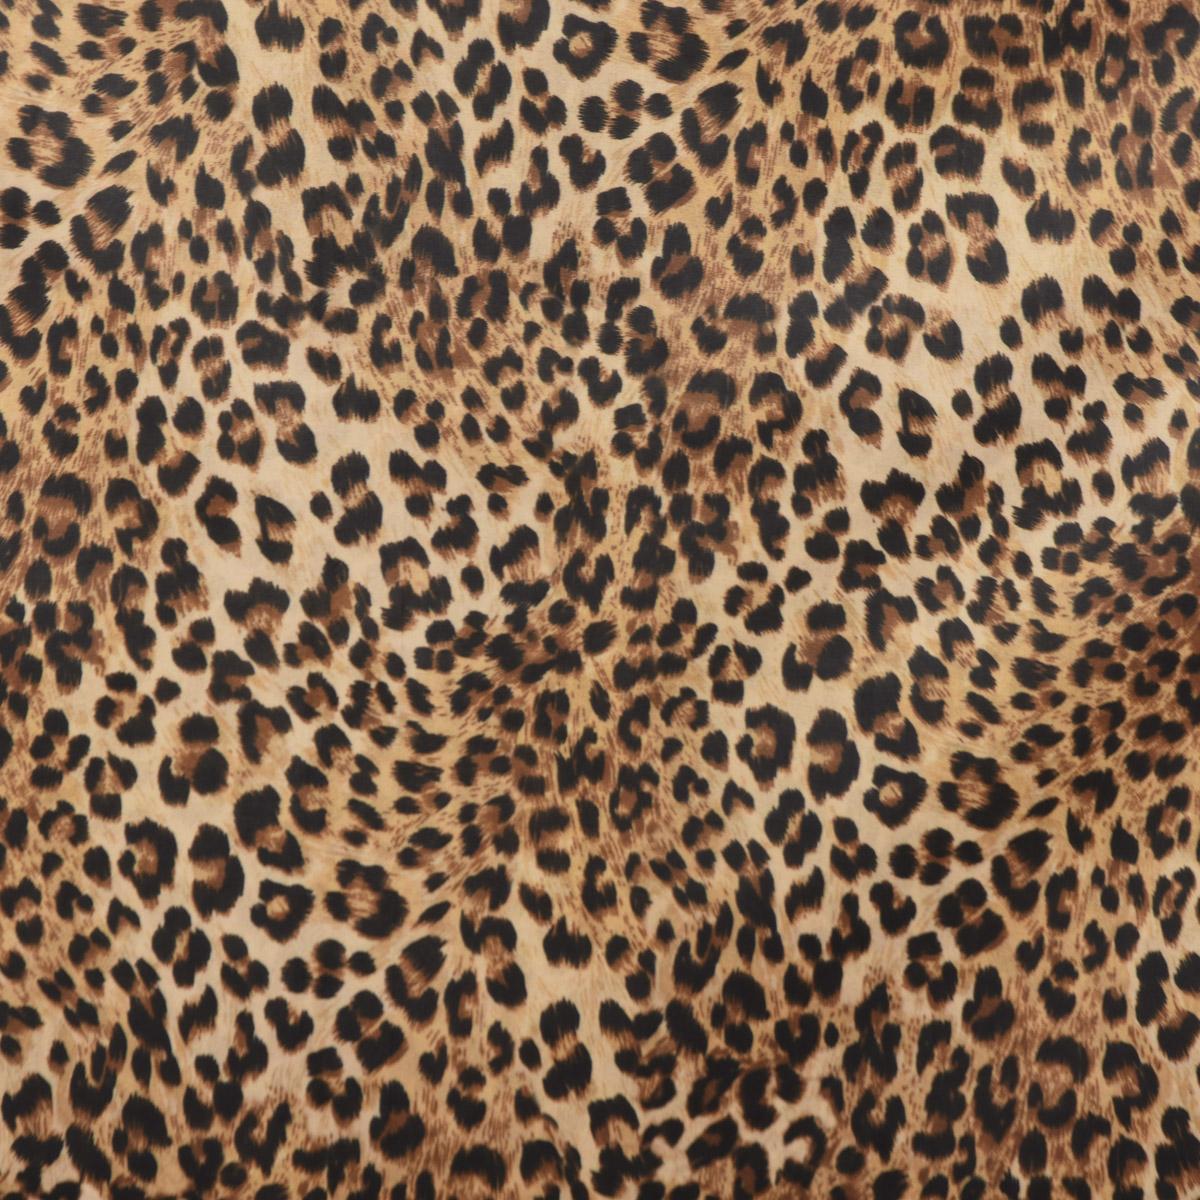 Samtstoff Dekostoff Velvet Samt Leopardenfell 1,45m